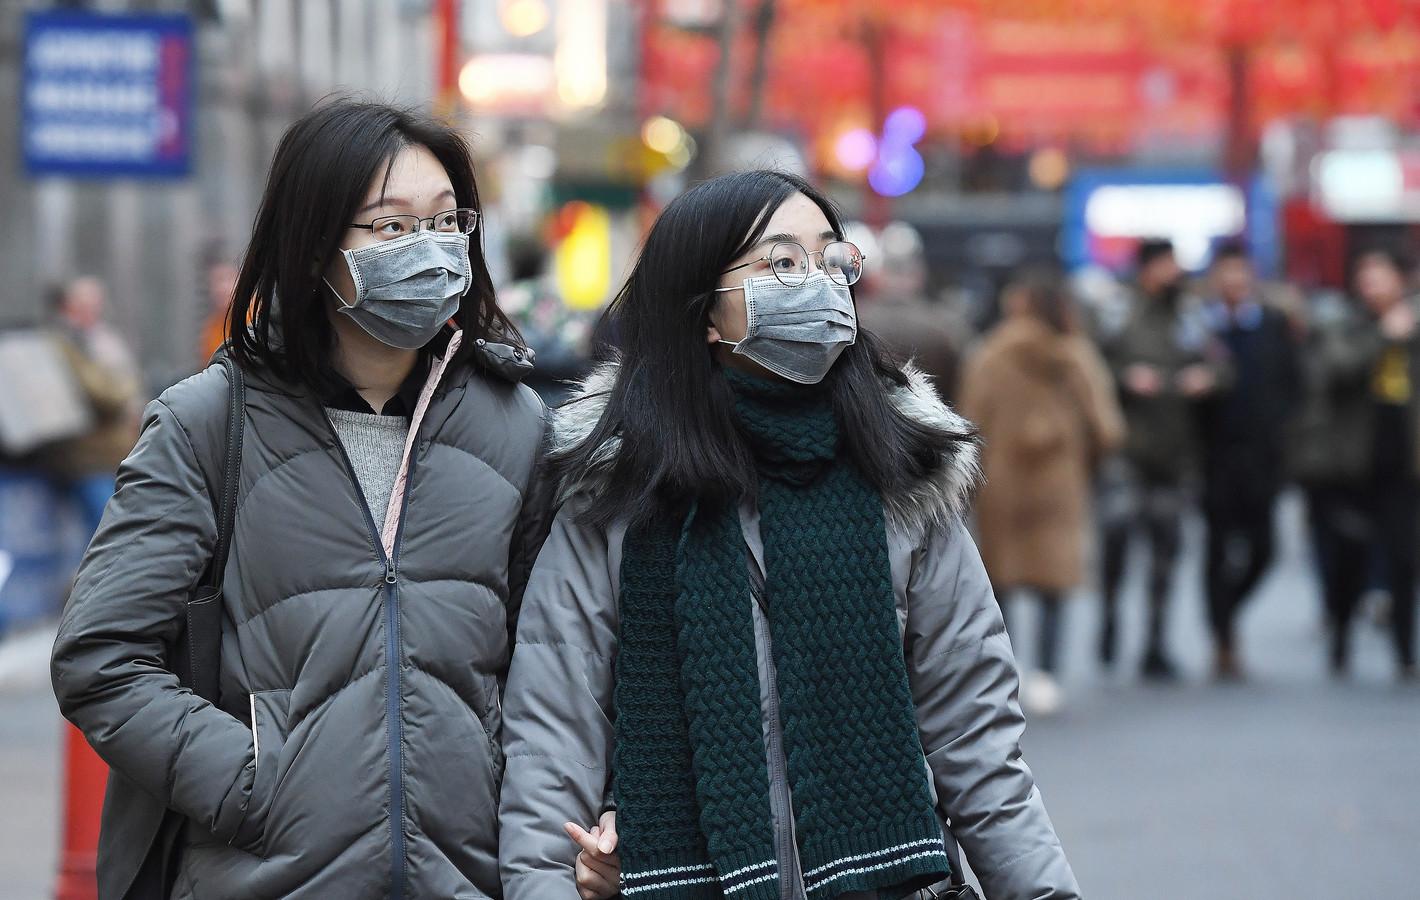 Ook in Londen dragen mensen gezichtsbeschermende maskers tegen de overdracht van het coronavirus, hoewel er in Europa nog geen besmettingen zijn gemeld.